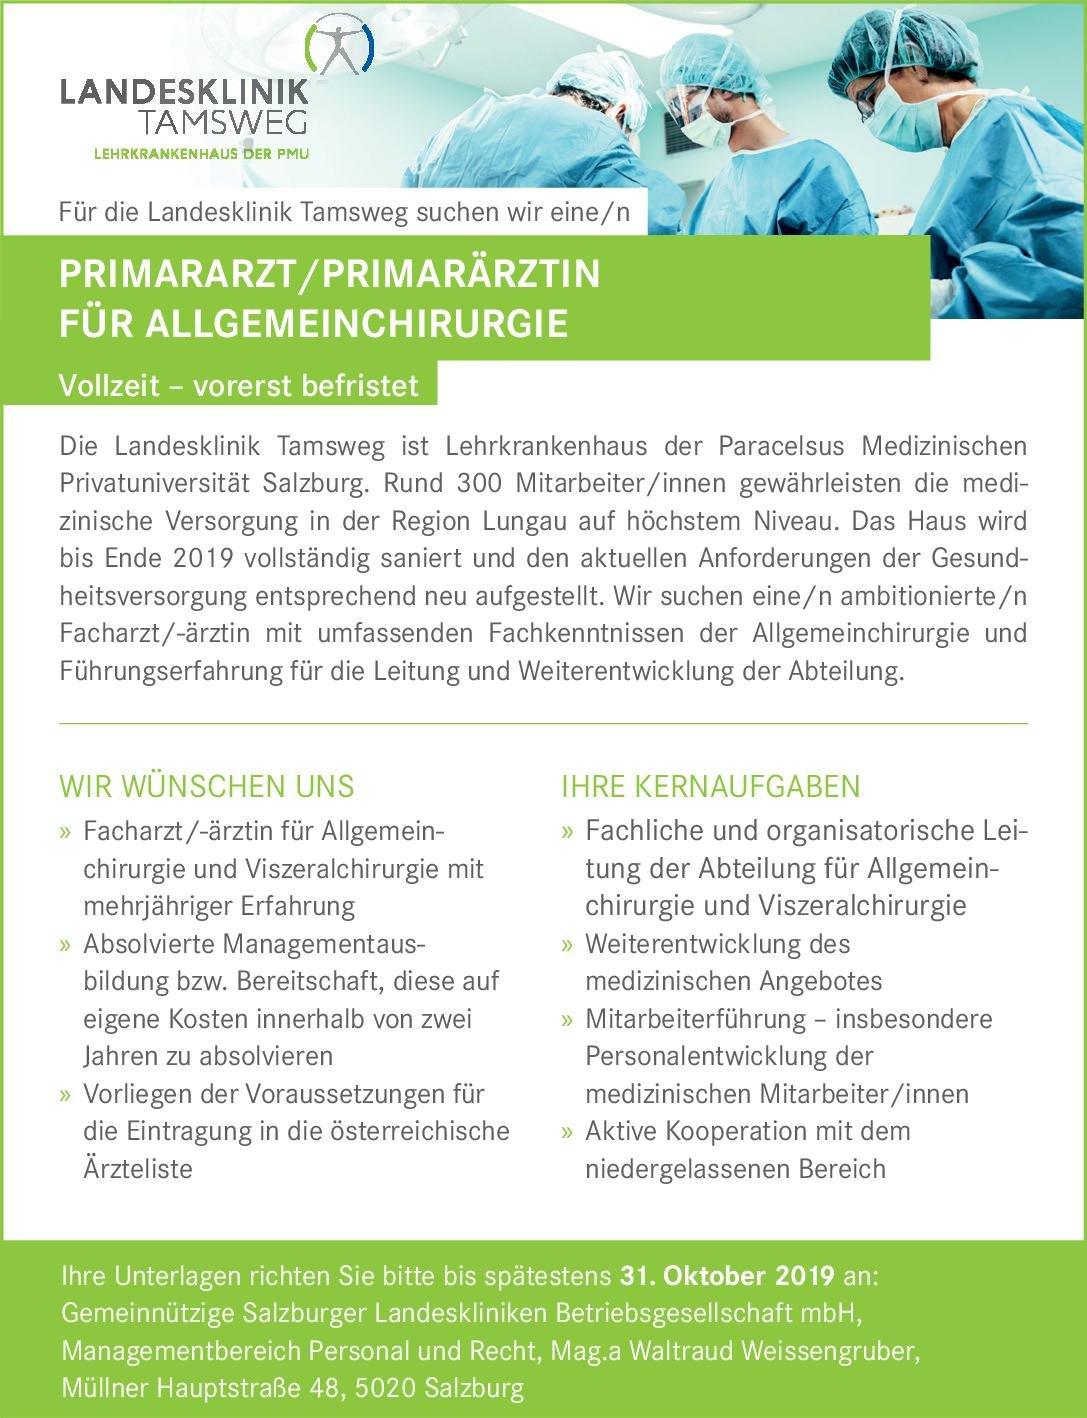 Gemeinnützige Salzburger Landeskliniken Betriebsgesellschaft mbH Primararzt/Primarärztin für Allgemeinchirurgie